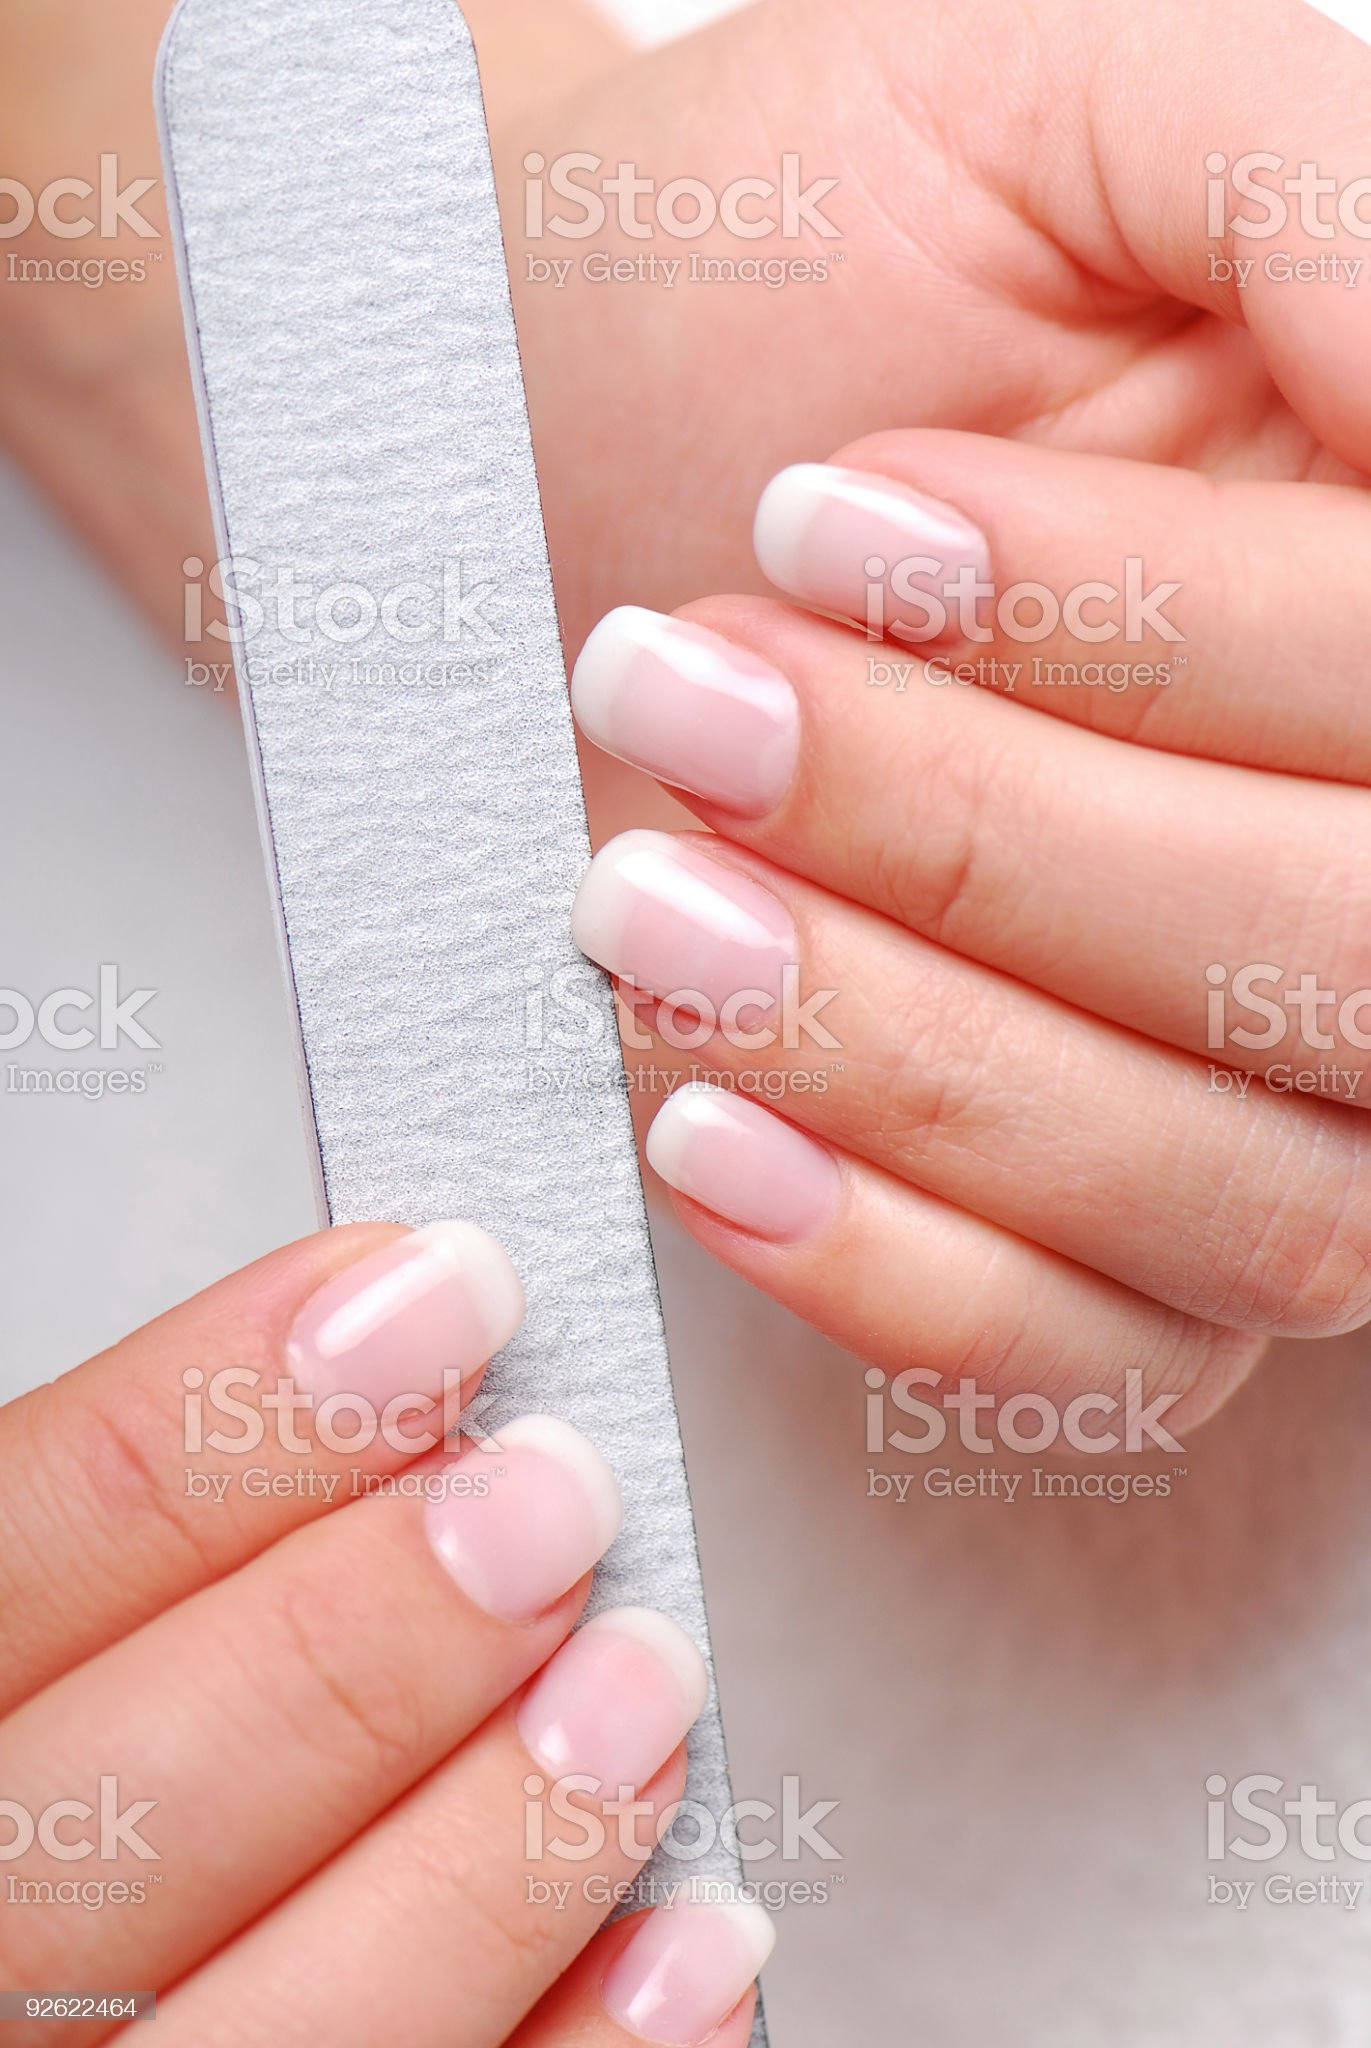 Polishing fingernails royalty-free stock photo